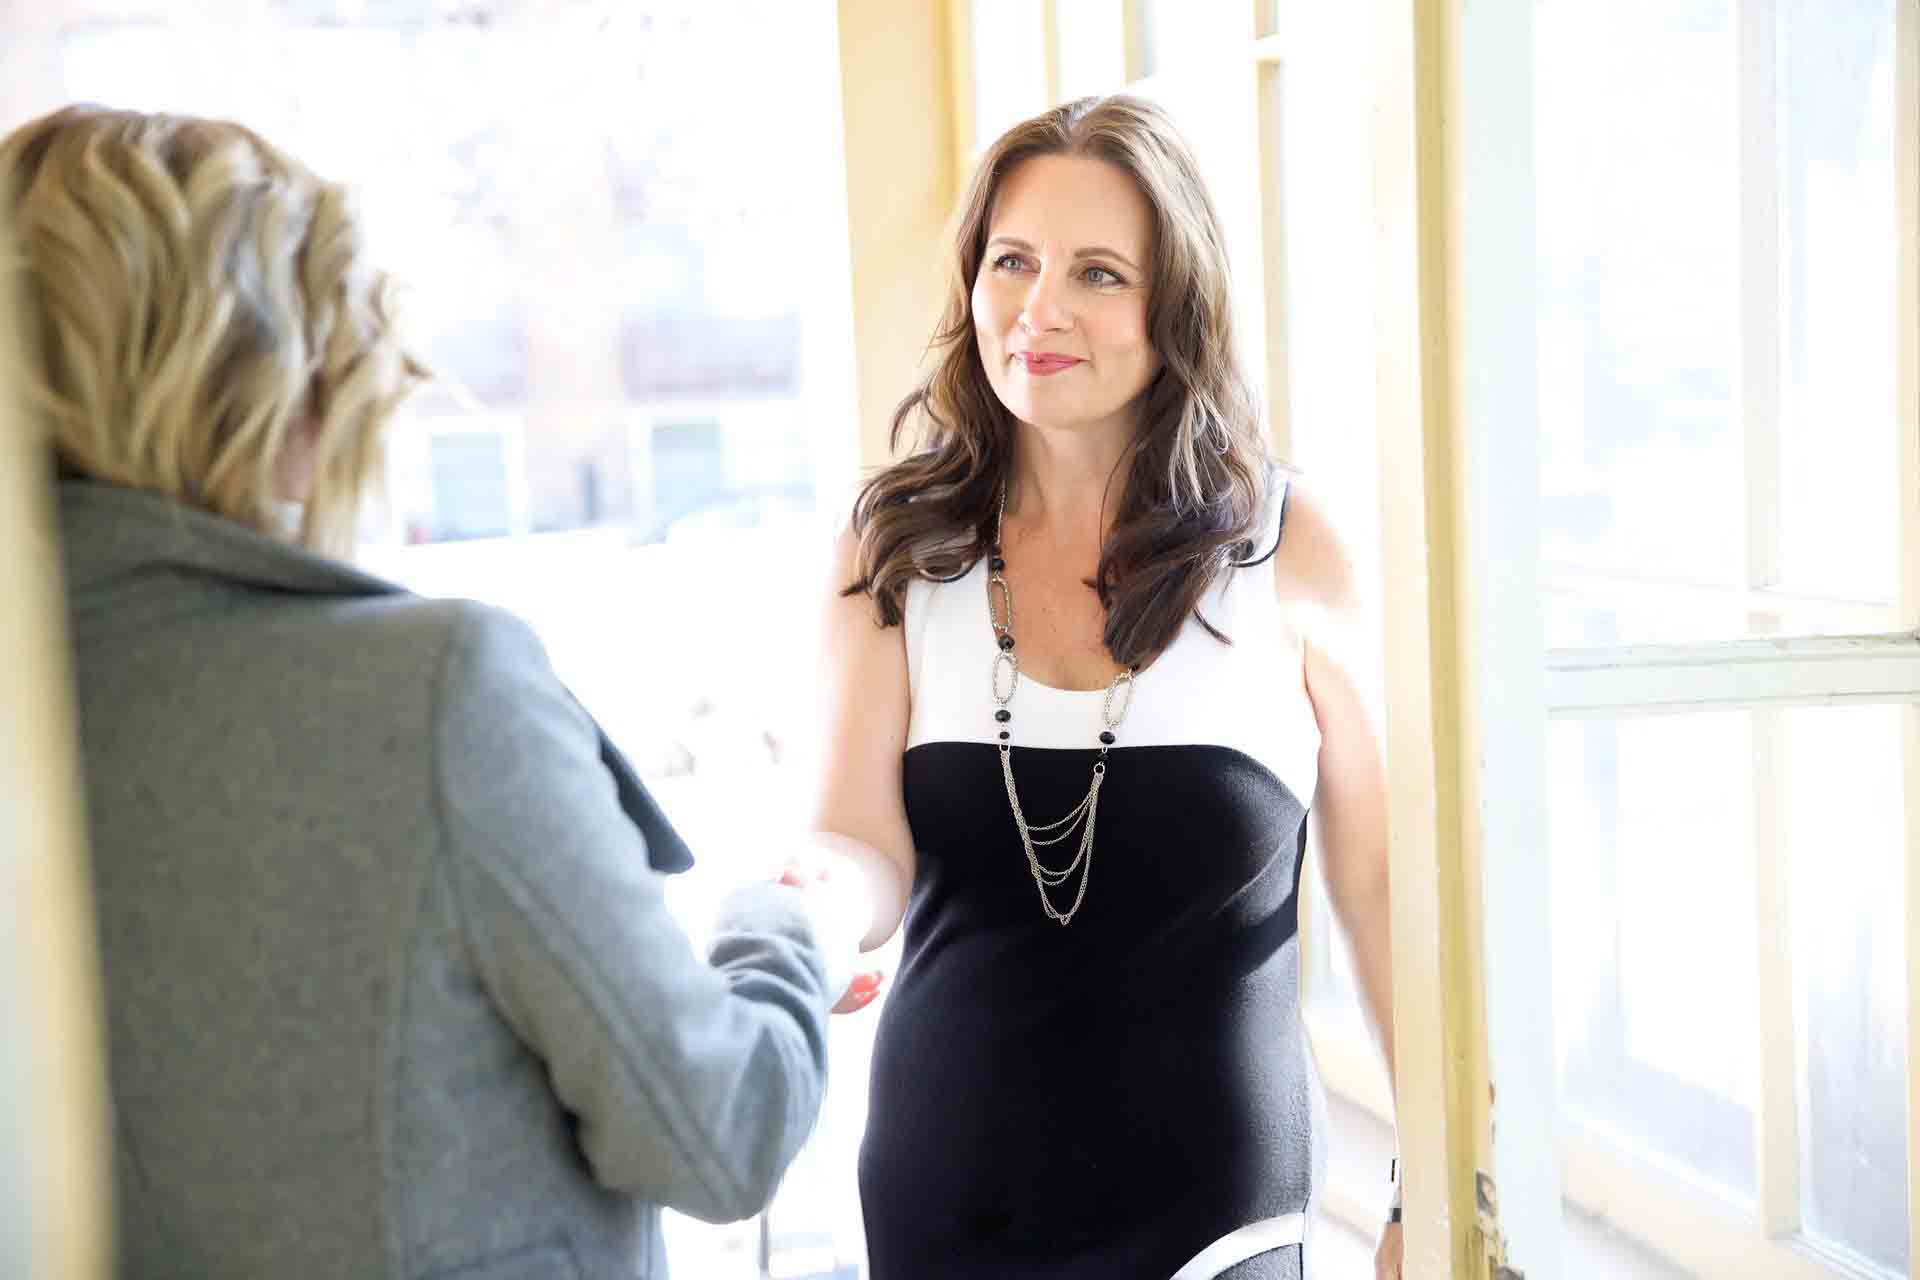 5 astuces pour trouver un emploi en période de crise